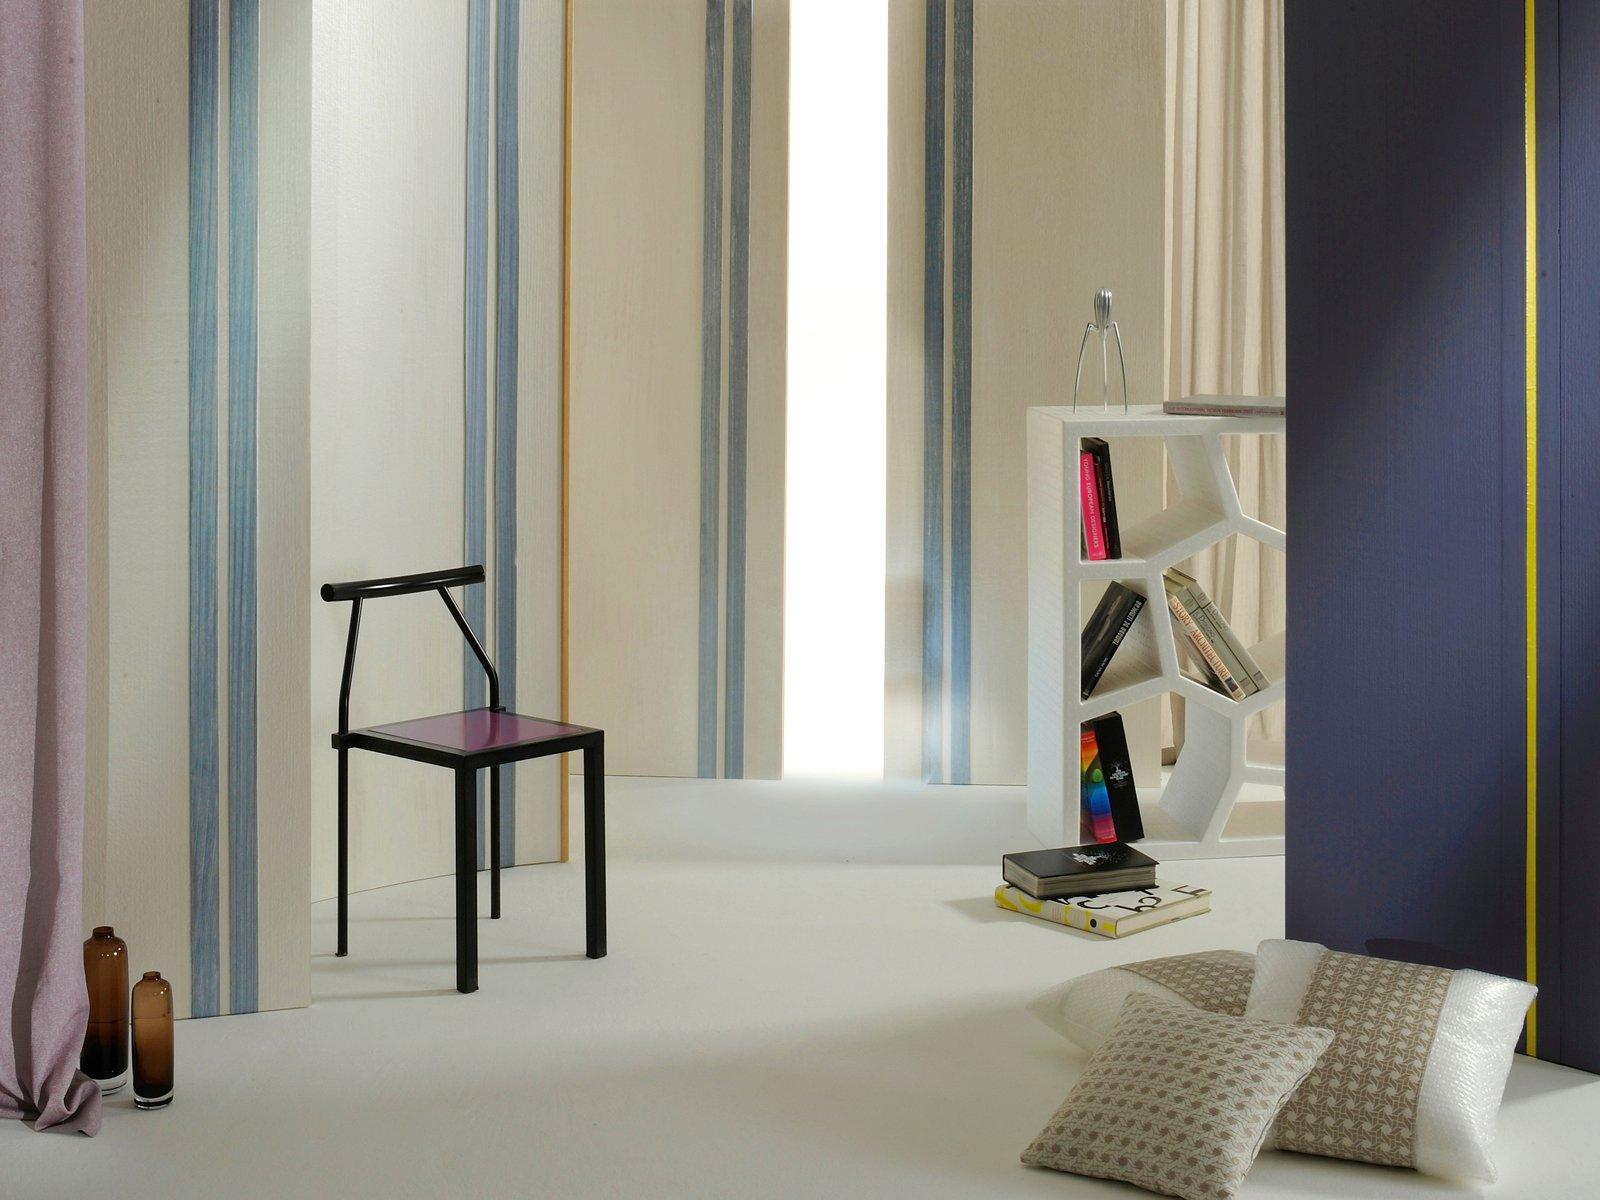 La carta da parati per trasformare le pareti di casa - Pareti a righe camera da letto ...